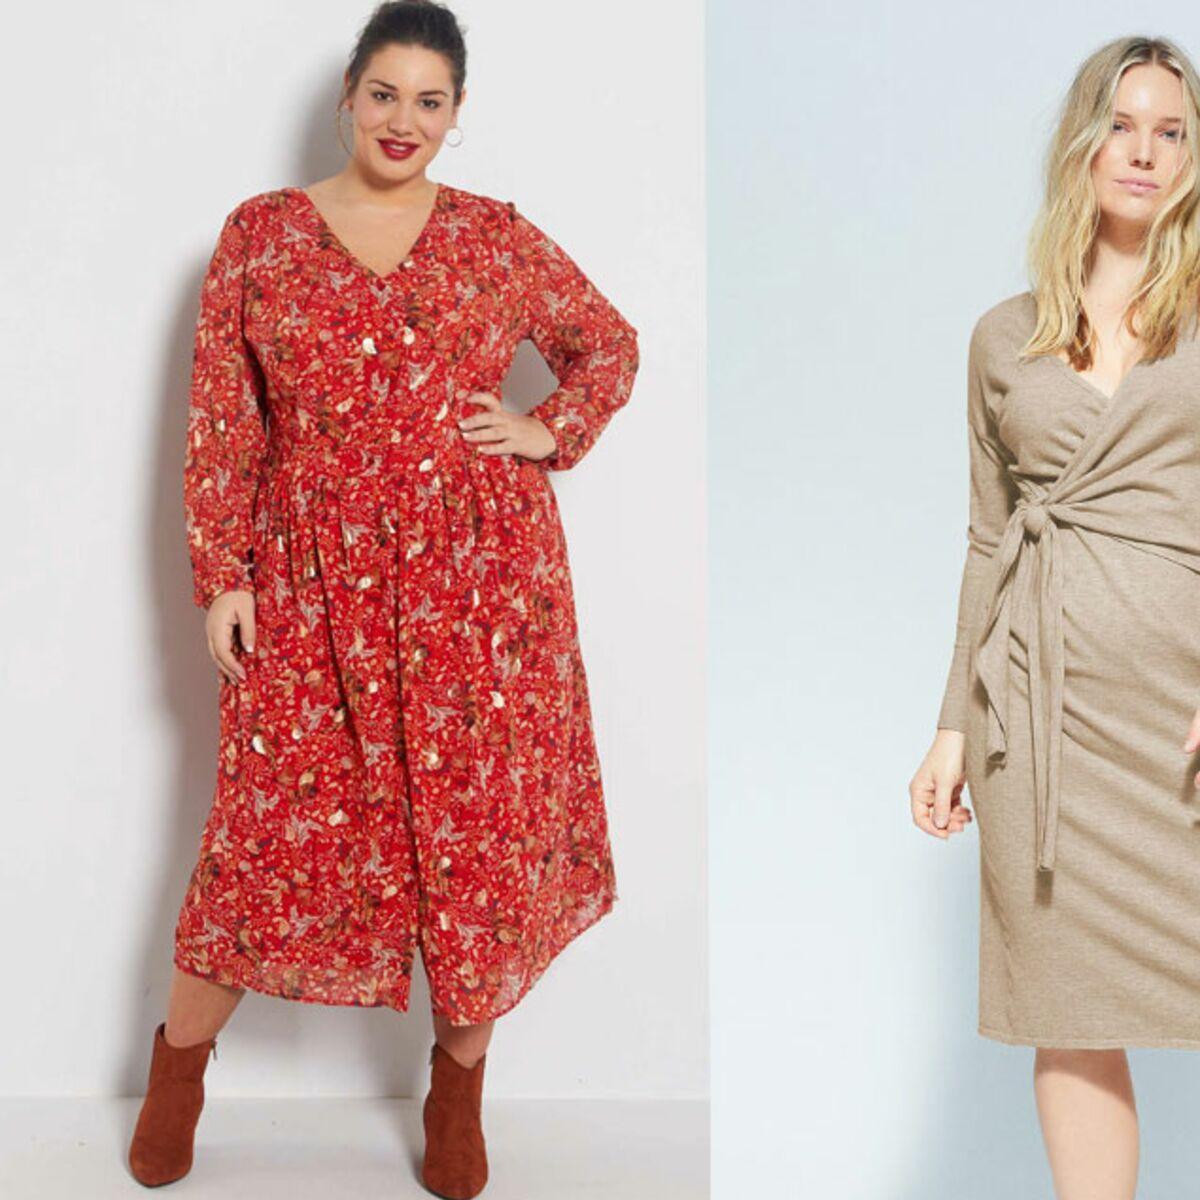 Mode Ronde Les Plus Jolies Robes Grande Taille Du Printemps 2020 Femme Actuelle Le Mag